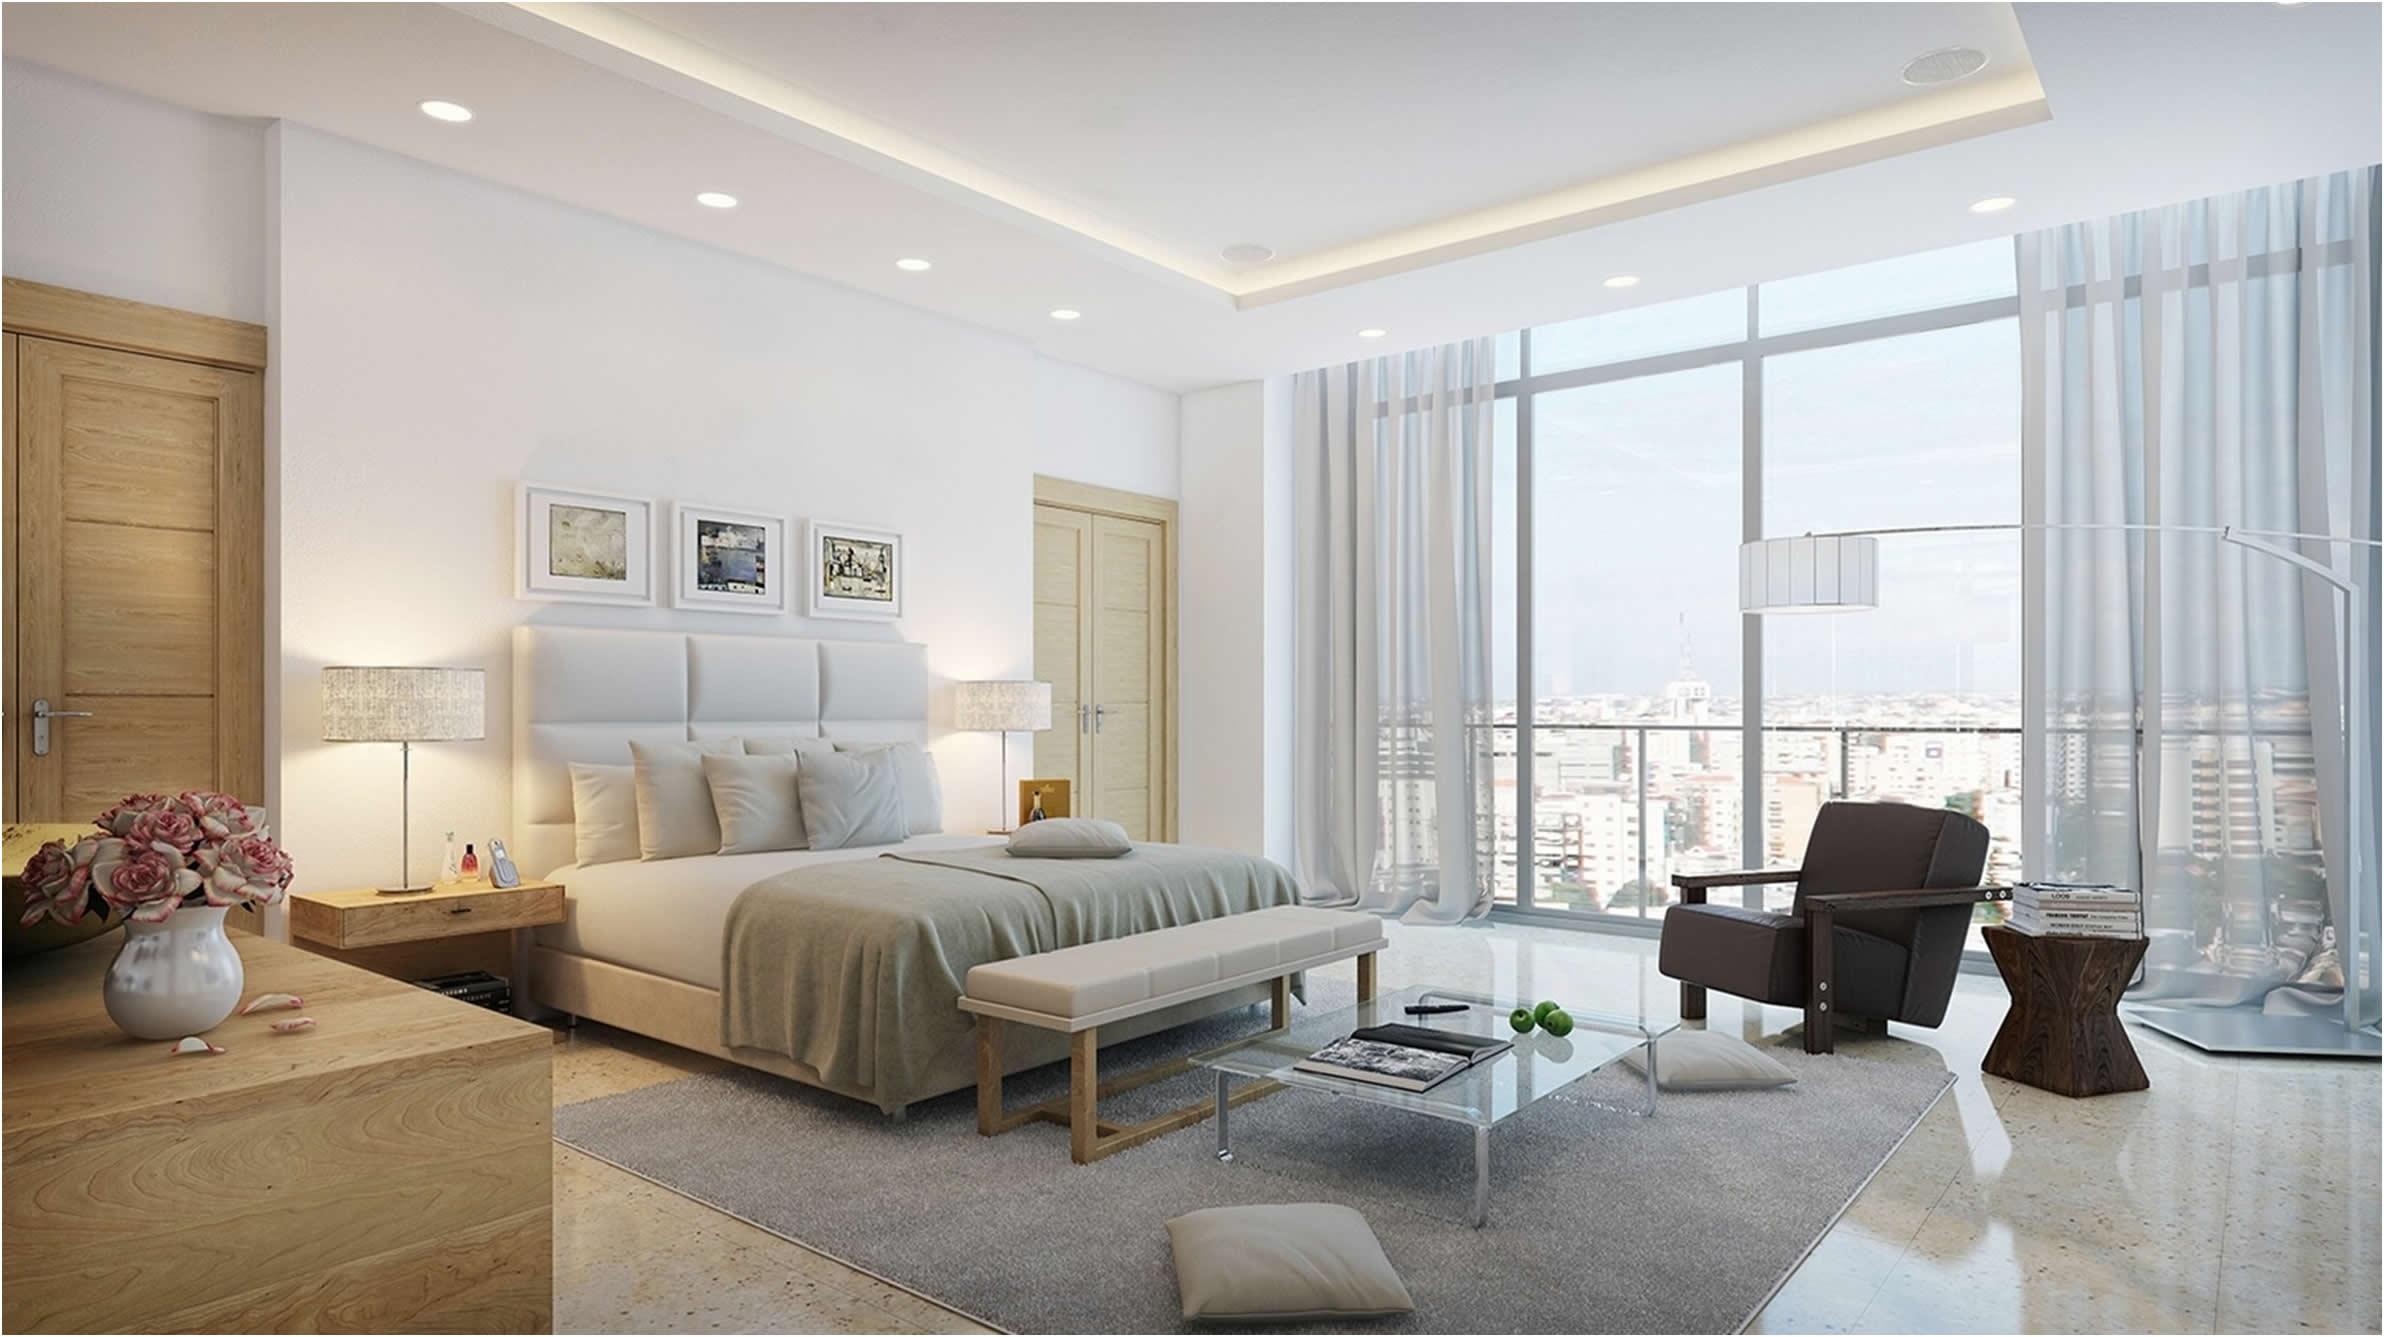 Moderne Dizajn Ideje Za Spavae Sobe Svih Veliina